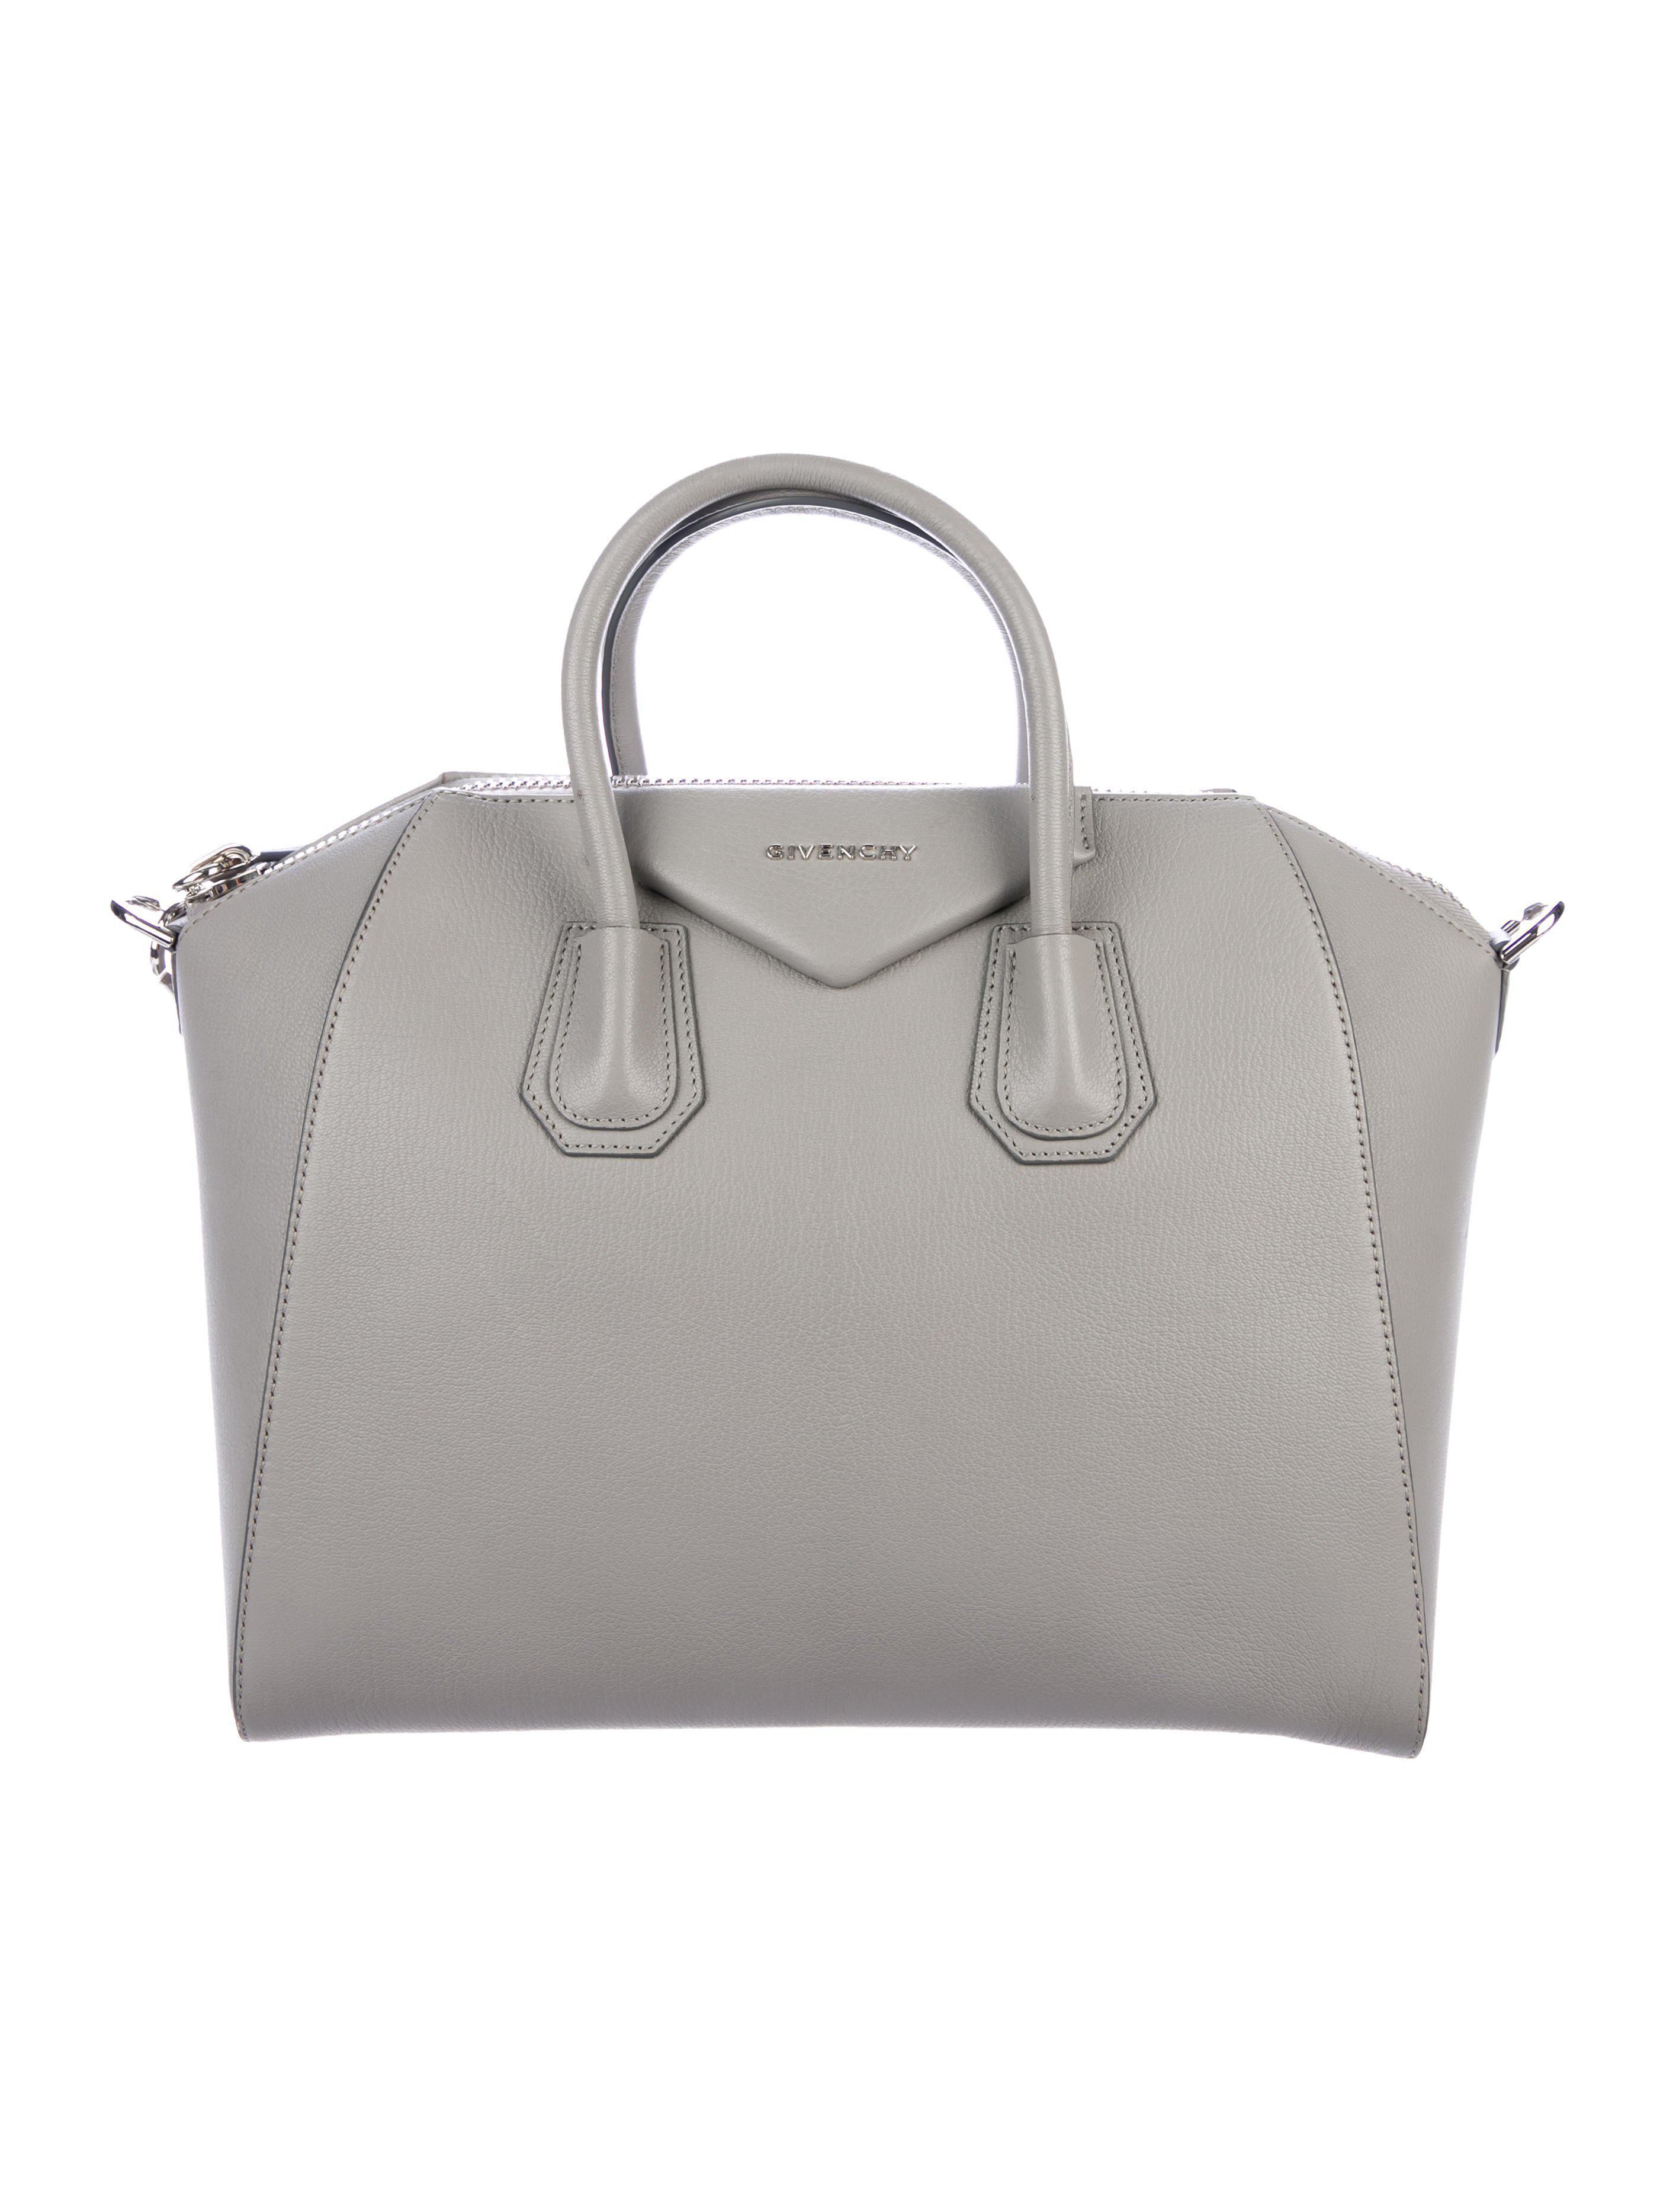 b6f89f0da4 Givenchy - Metallic Medium Antigona Satchel Grey - Lyst. View fullscreen